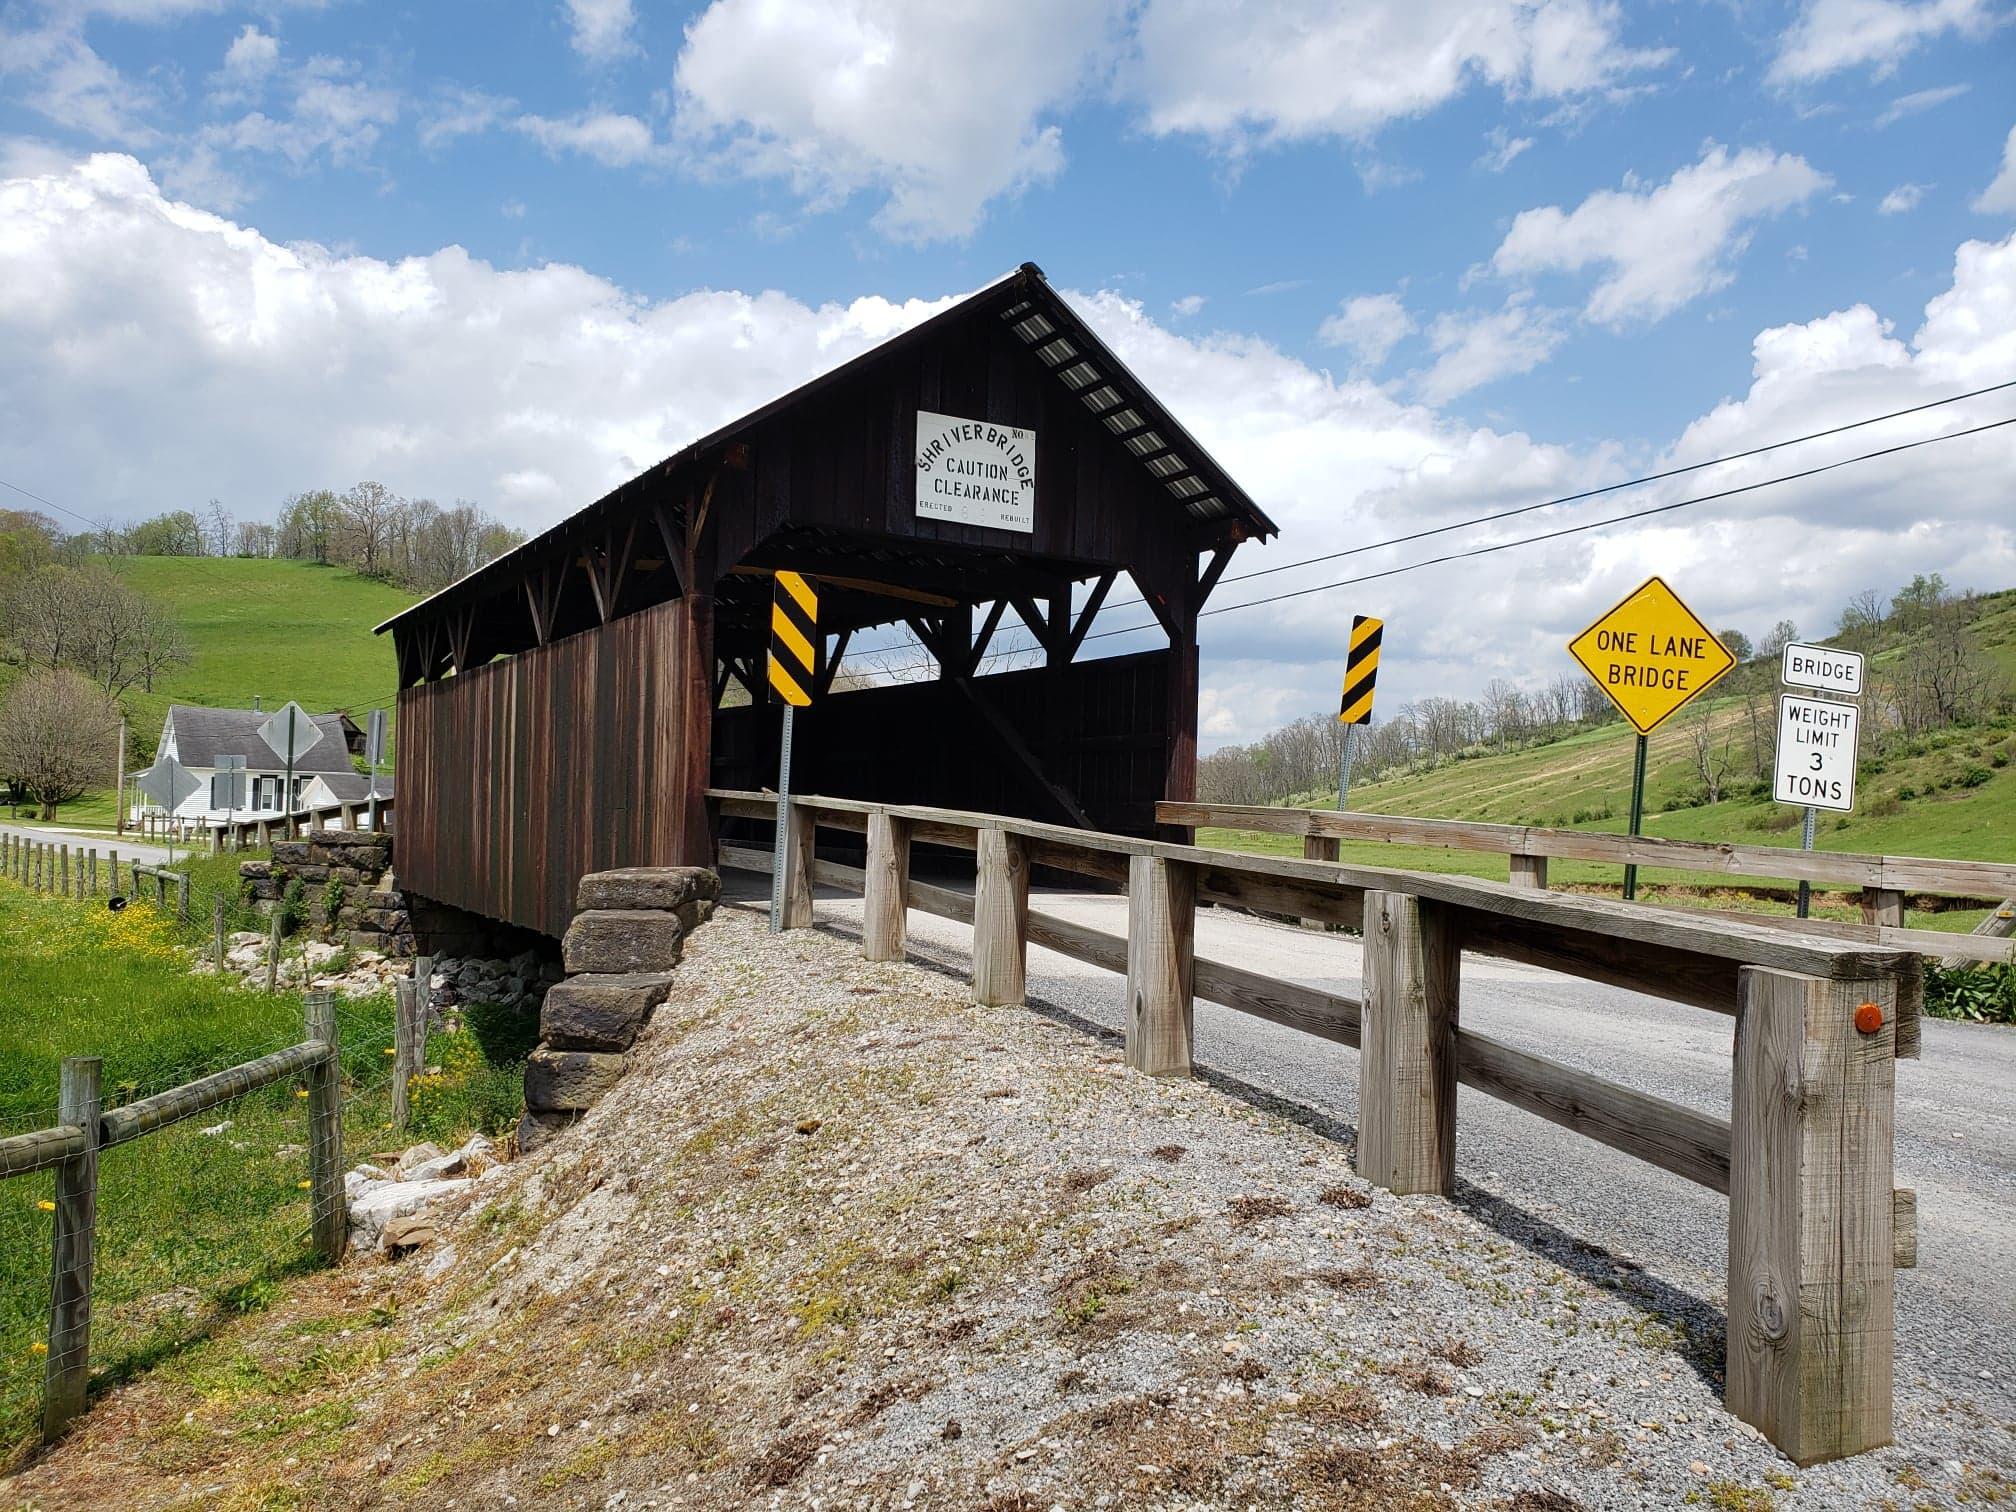 Shriver Covered Bridge